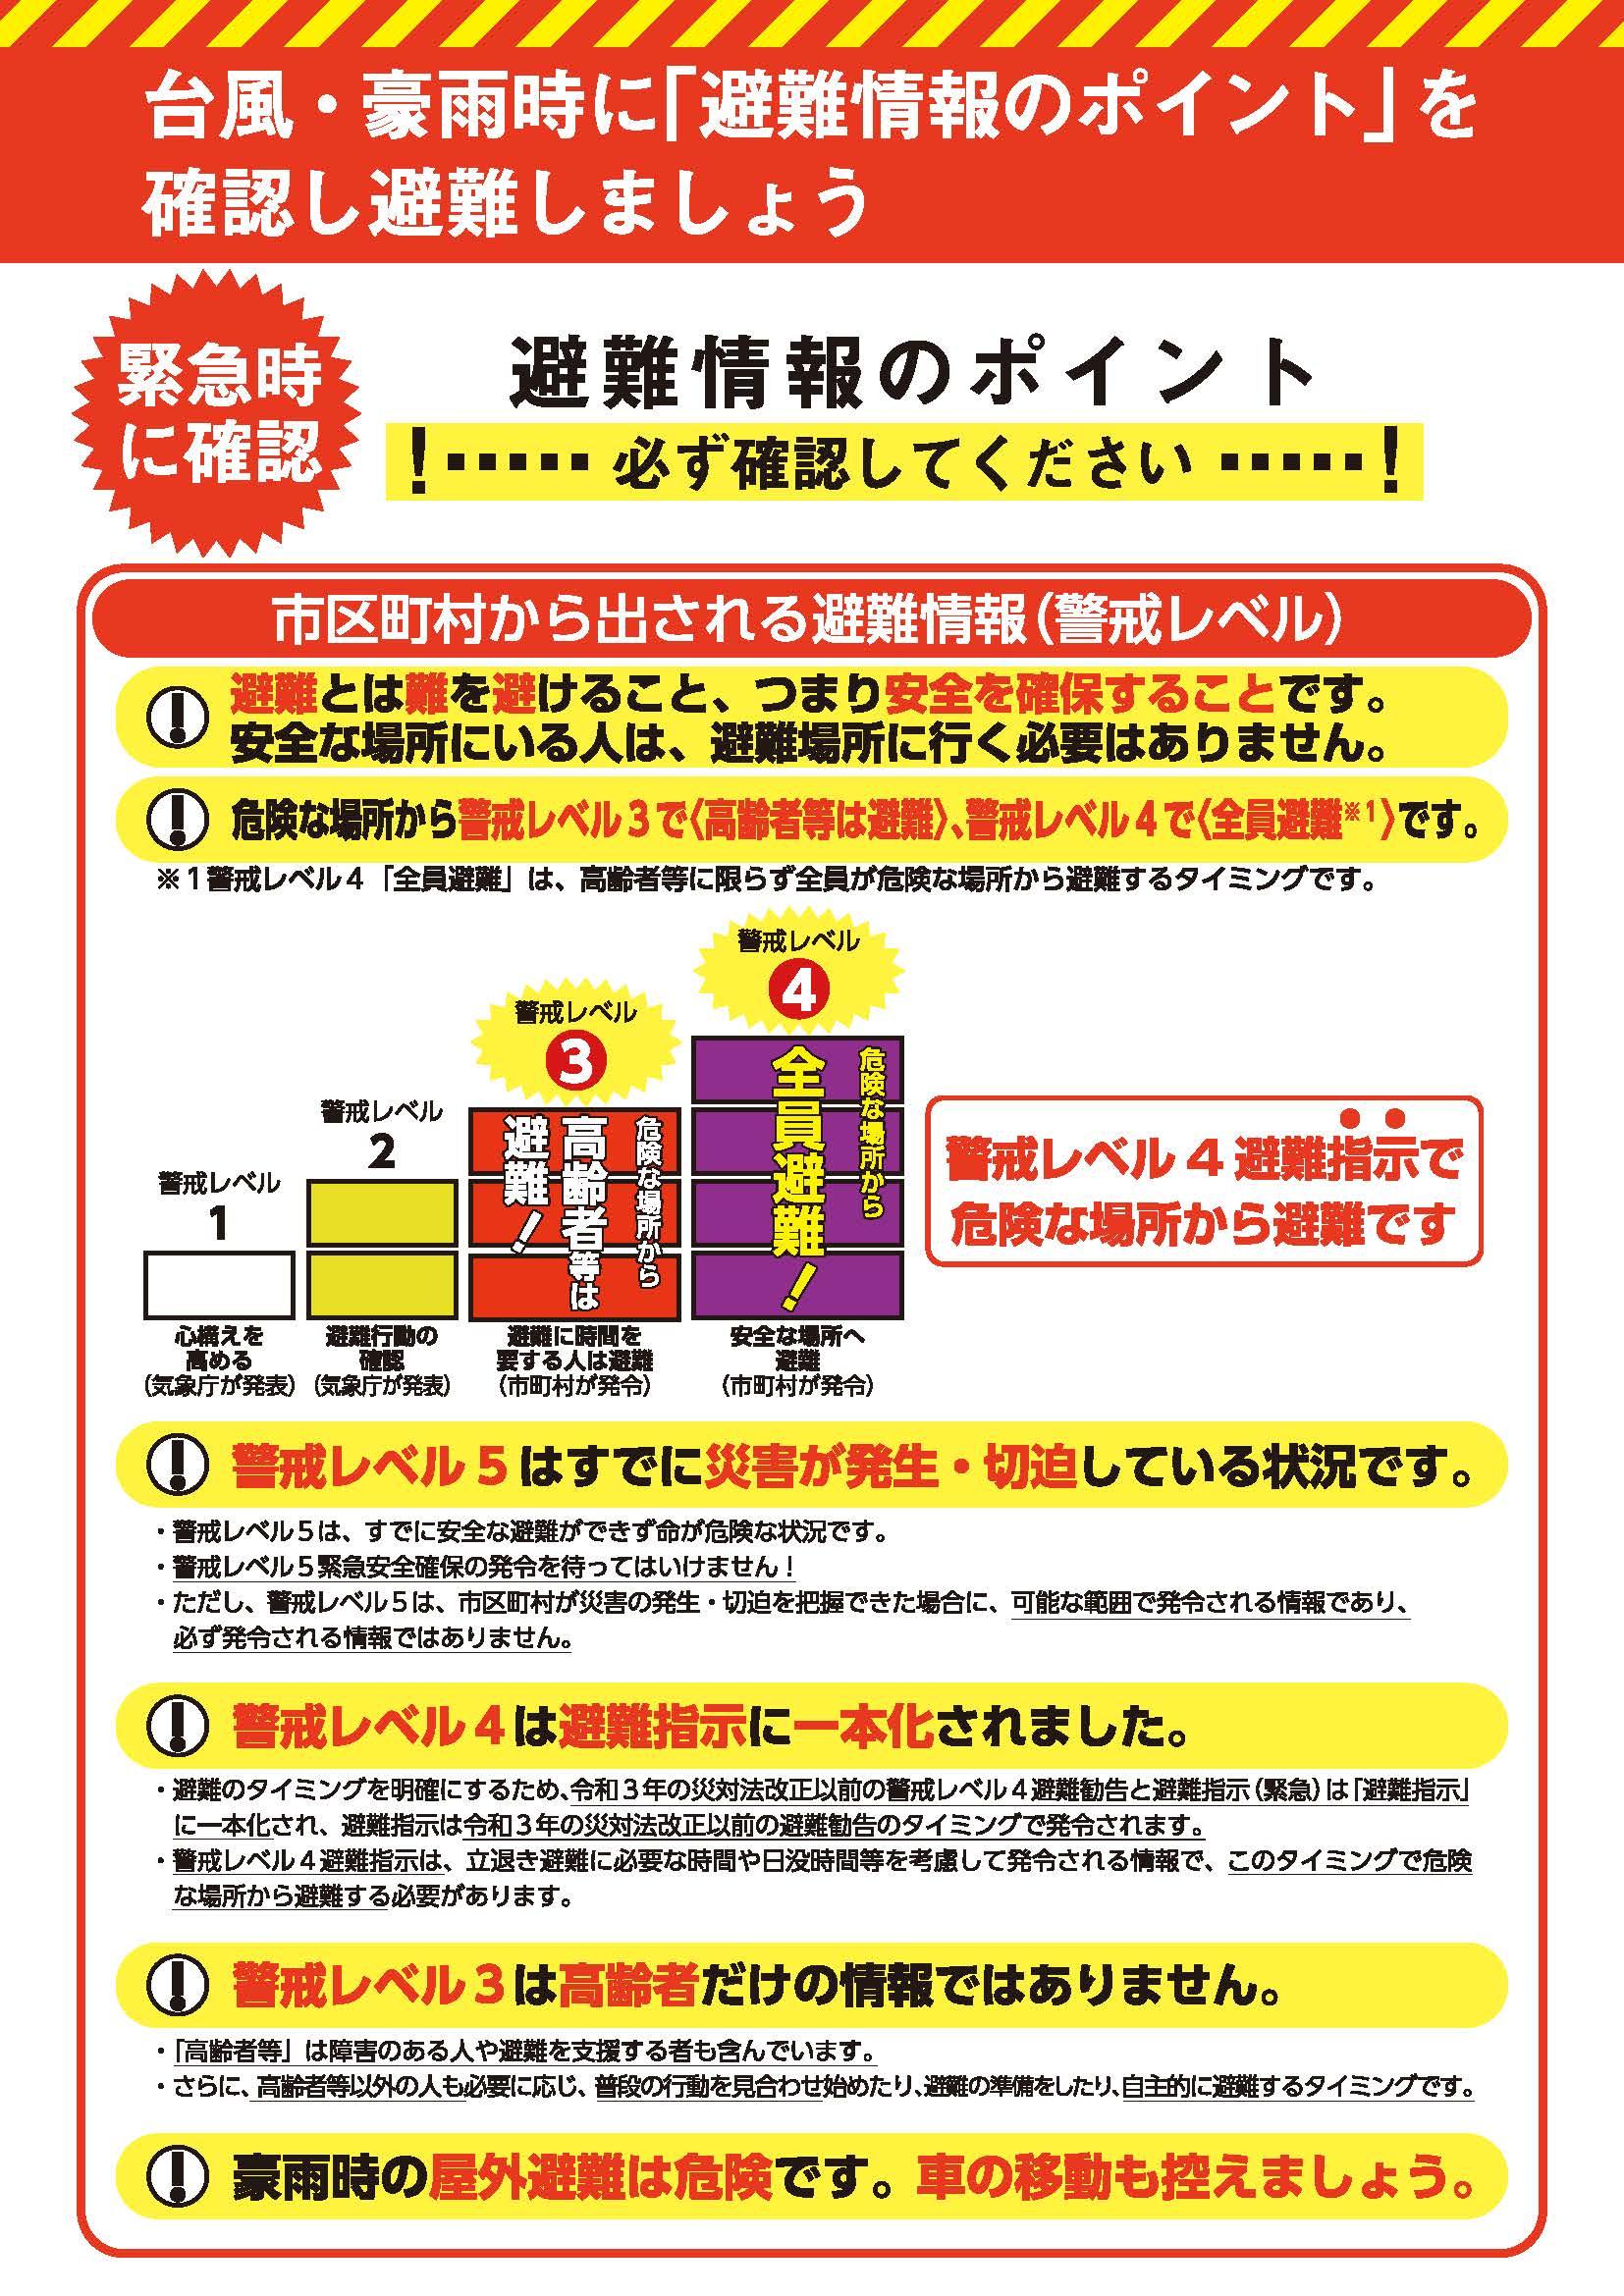 避難情報のポイント